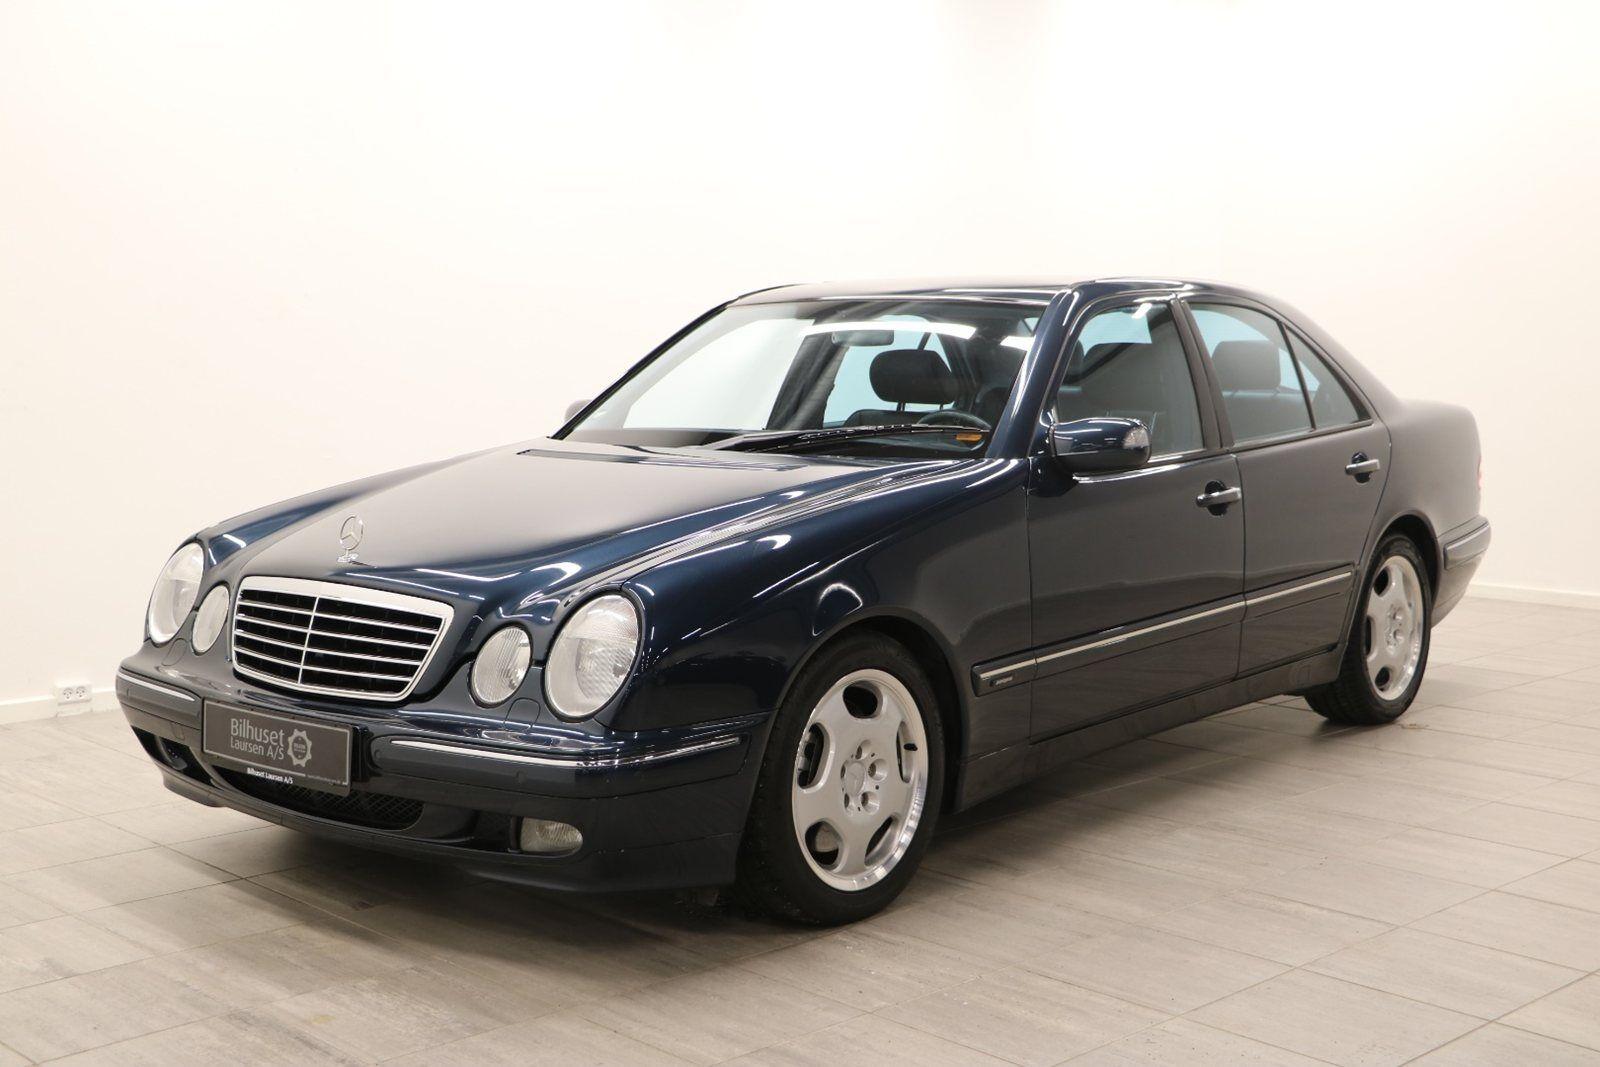 Mercedes E430 4,3 Avantgarde aut. 4d - 199.900 kr.